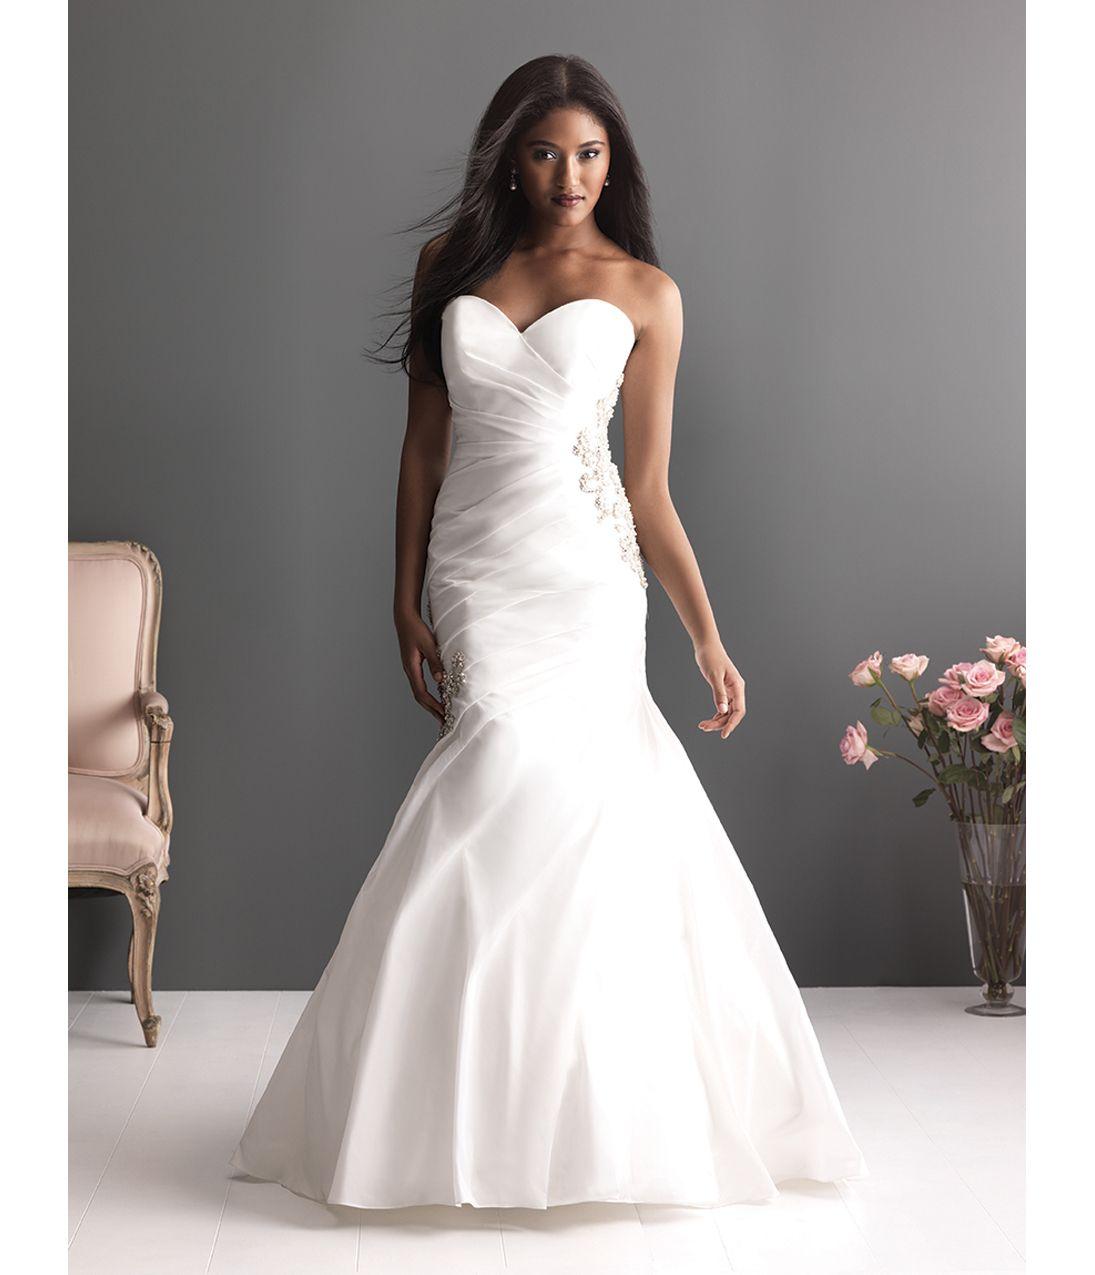 Drop Waist Diamond White Strapless Wedding Dress With: Trouwjurk, Bruiloft En Kleuren